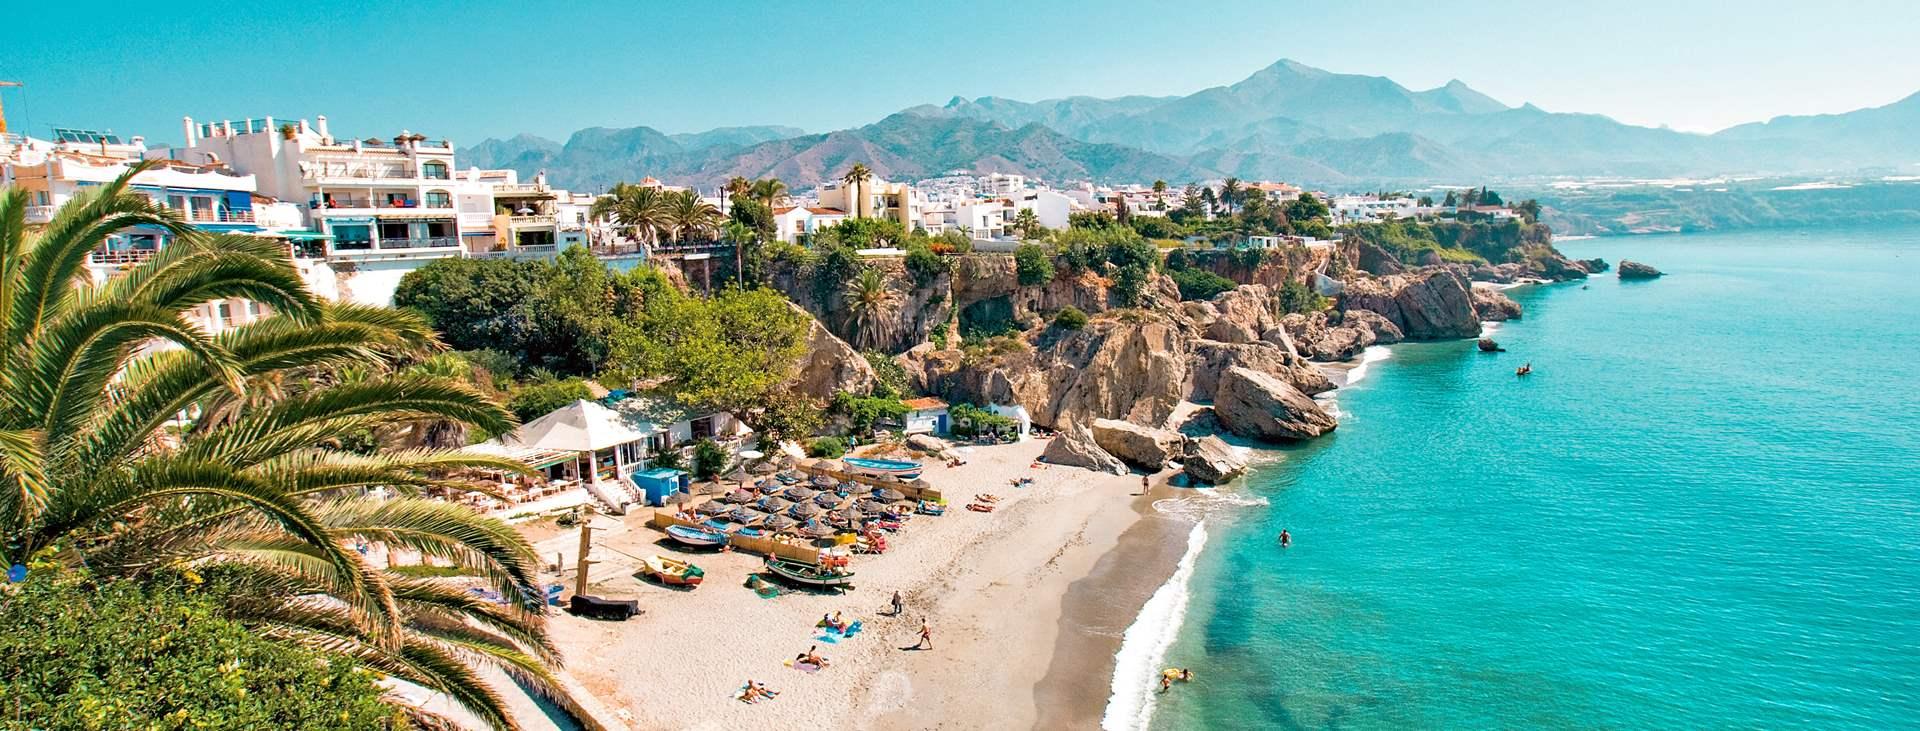 Boka din resa till Nerja på Costa del Sol med Ving